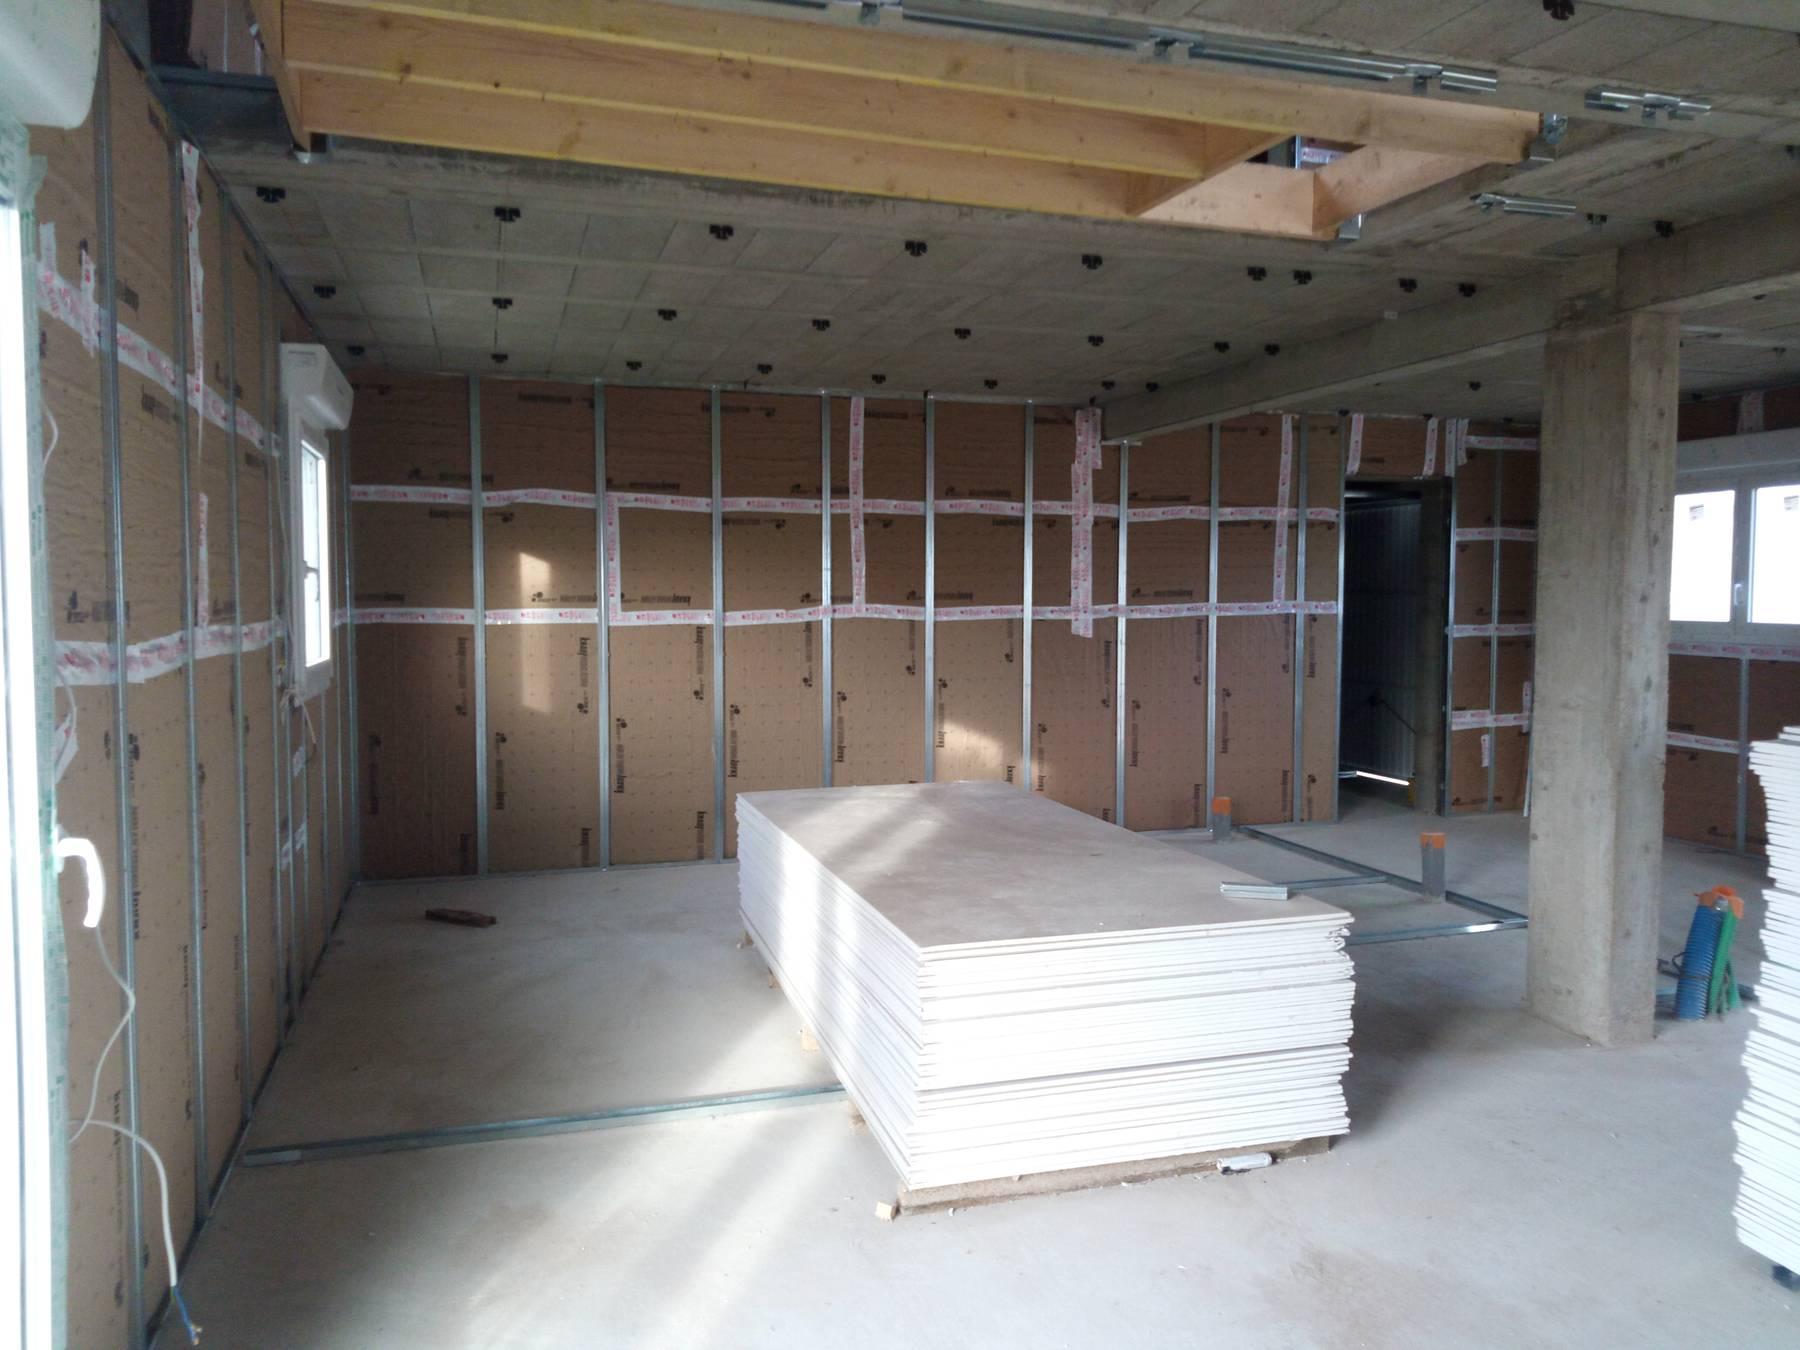 d marrage des travaux int rieurs pour notre 1ere maison a berric maisons pep 39 s. Black Bedroom Furniture Sets. Home Design Ideas